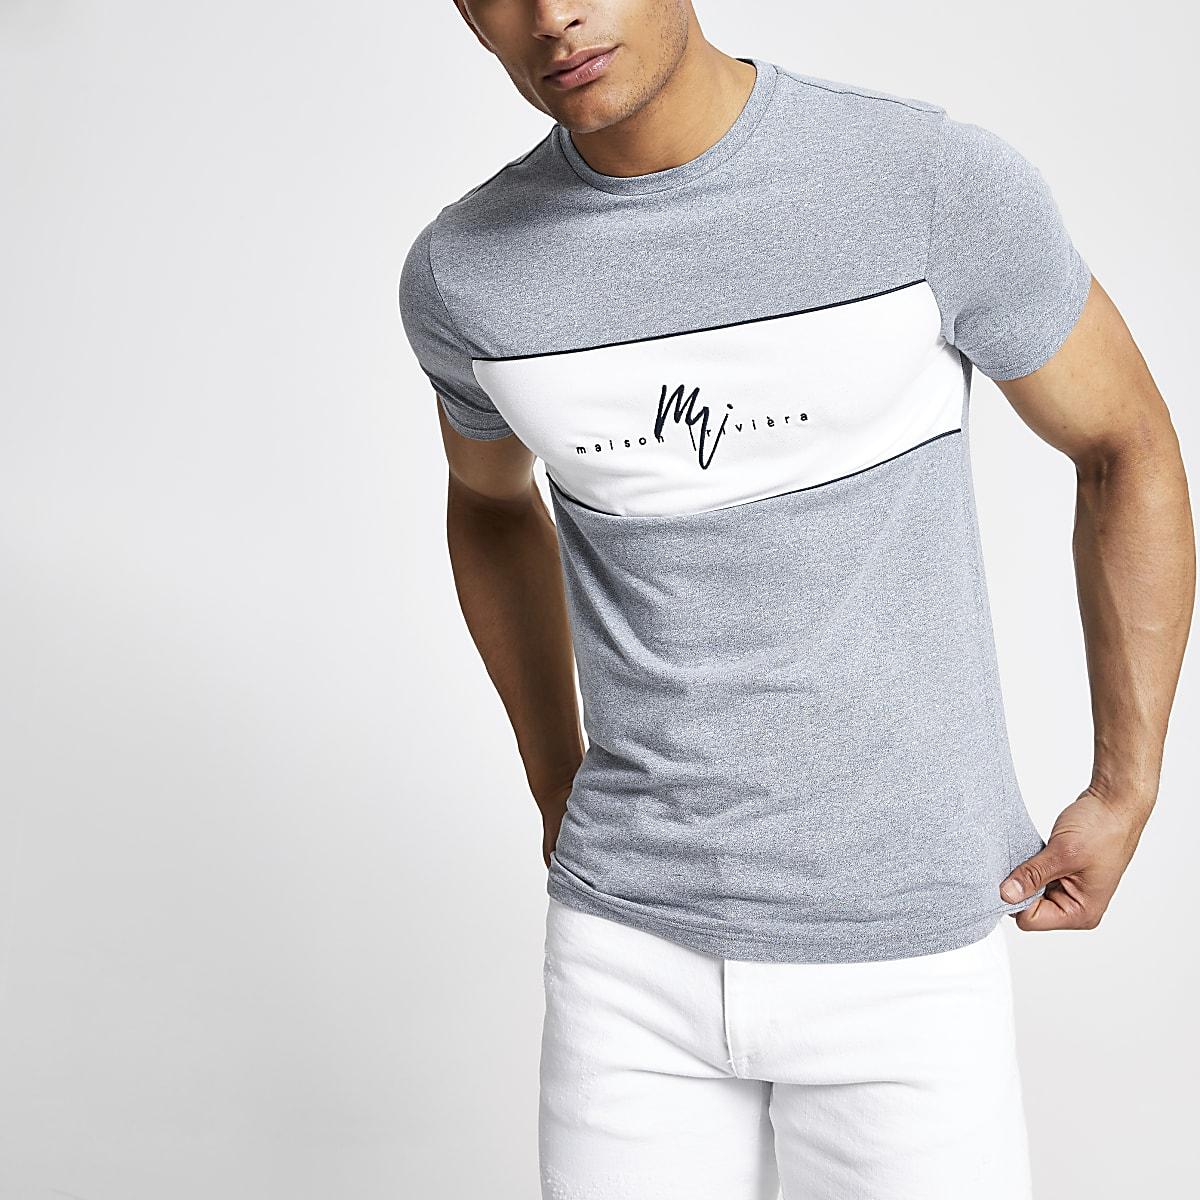 Maison Riviera - Blauw aansluitend T-shirt